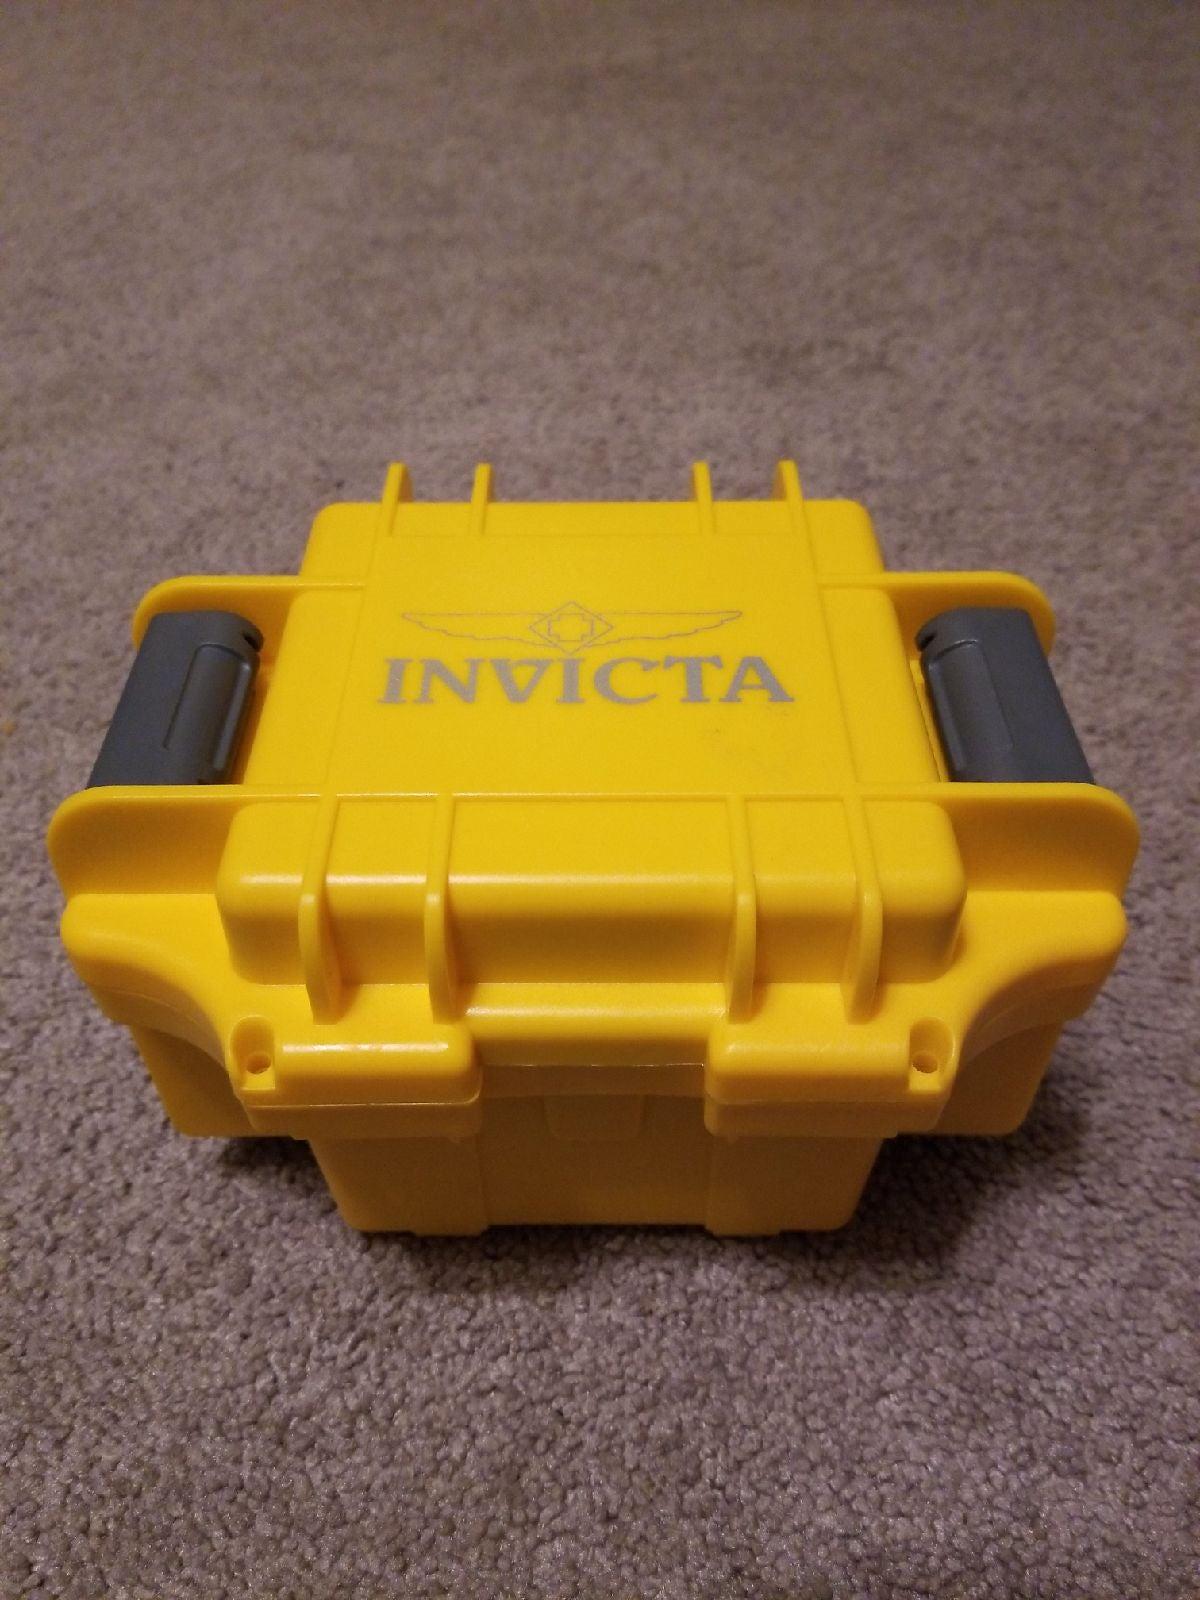 Invicta Plastic Watch Dive Case